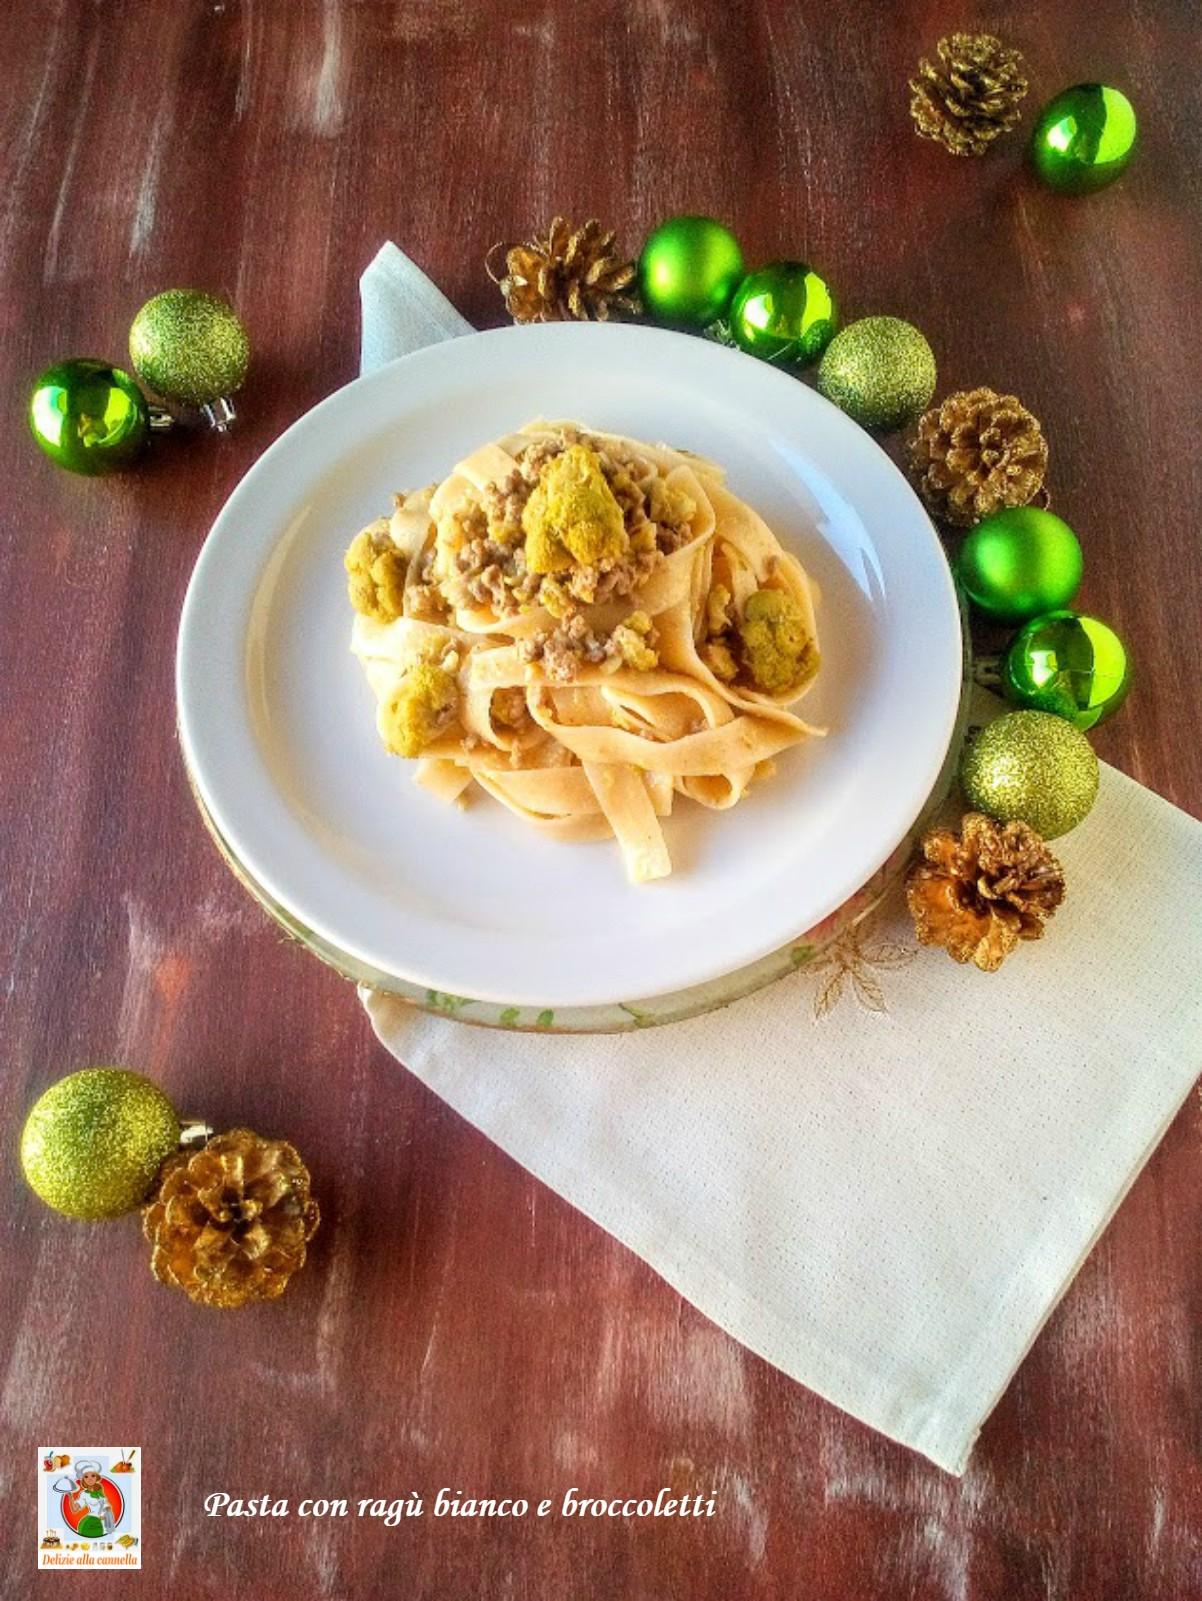 pasta con ragù bianco e broccoletti v1